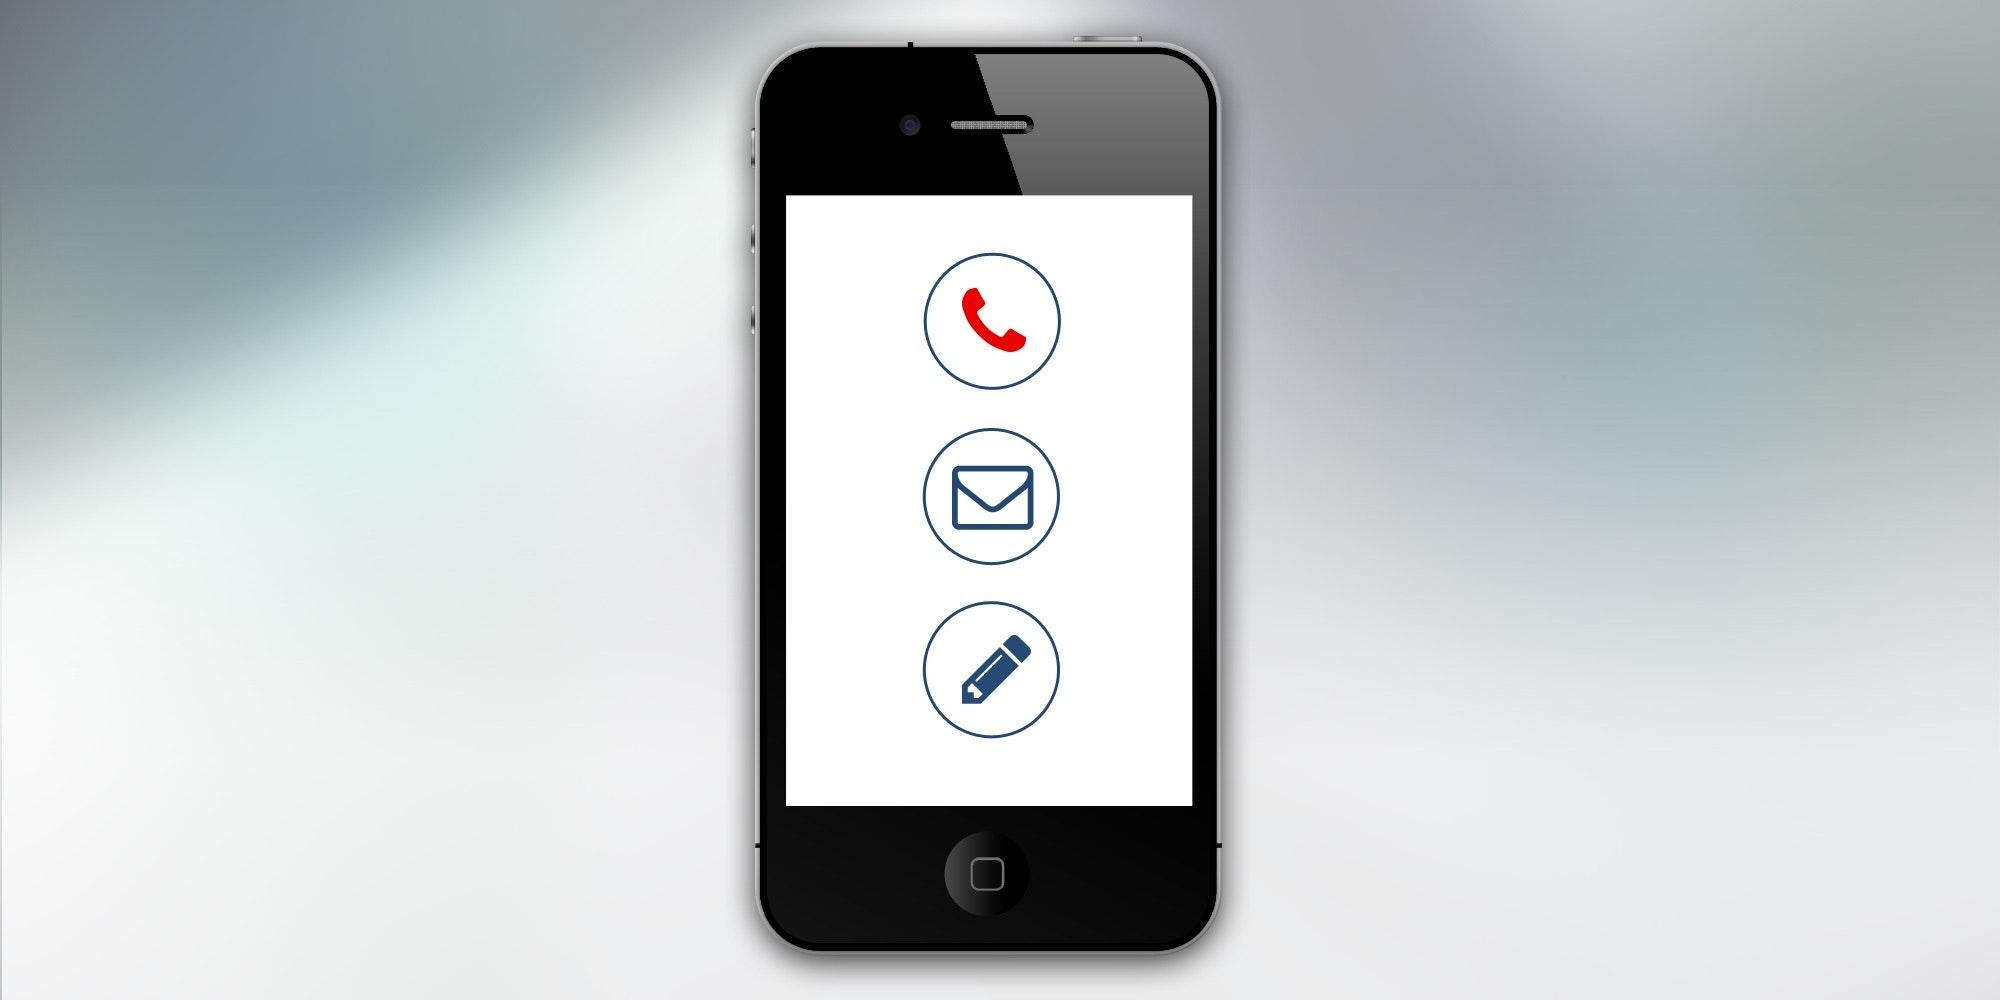 Smartphone mit den Symbolen für Telefonie, E-Mail und Nachrichten